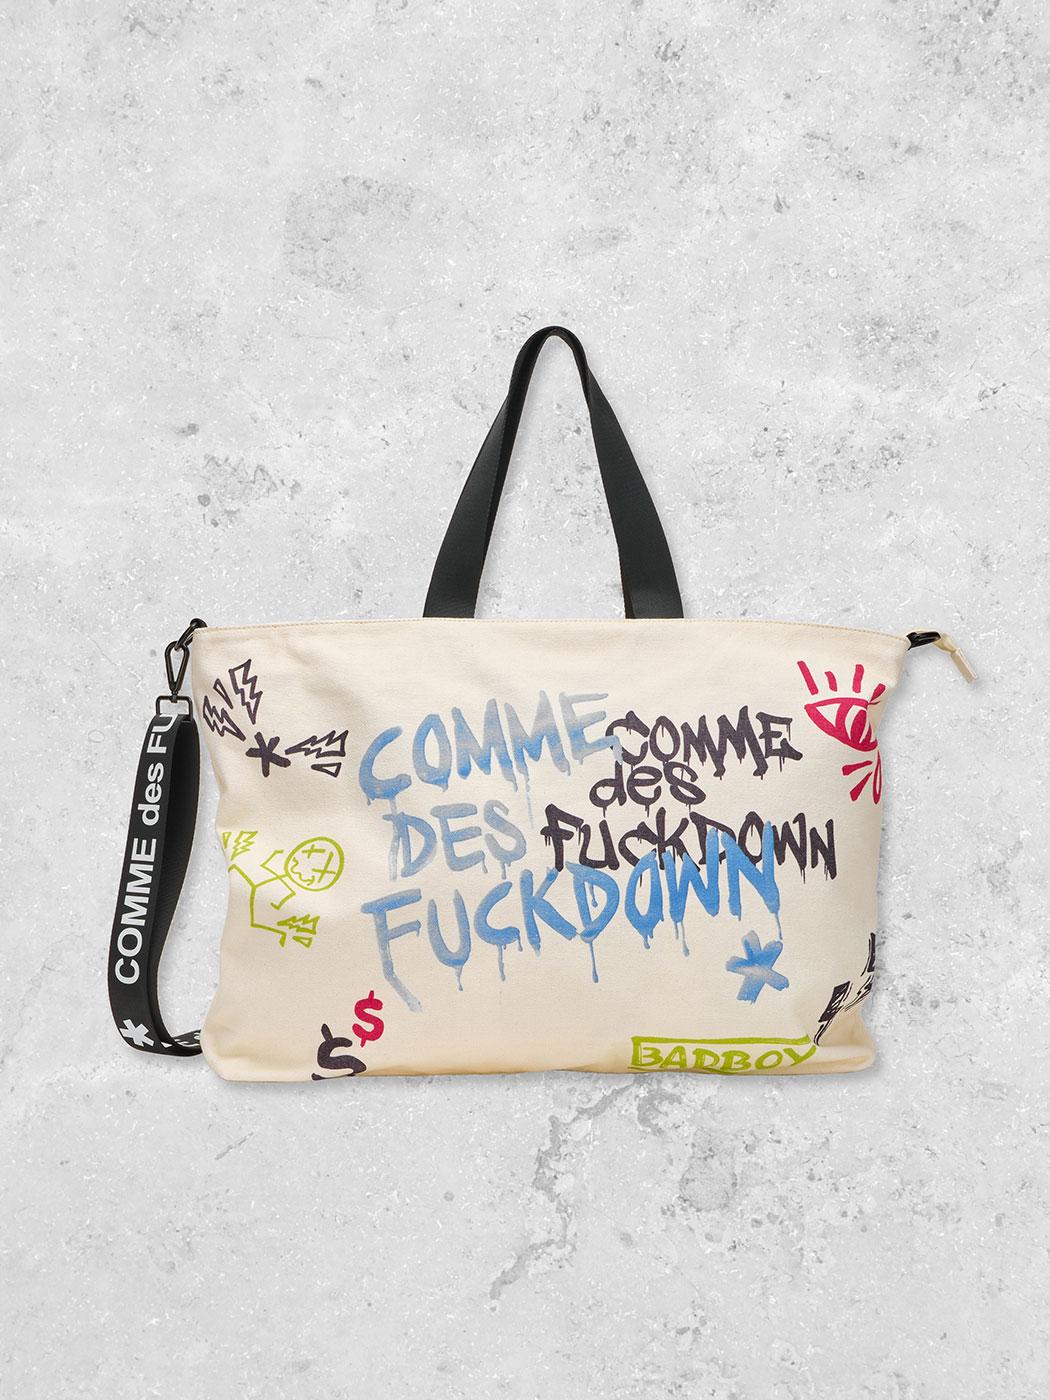 BAG - CDFA536 - COMME DES FKDOWN